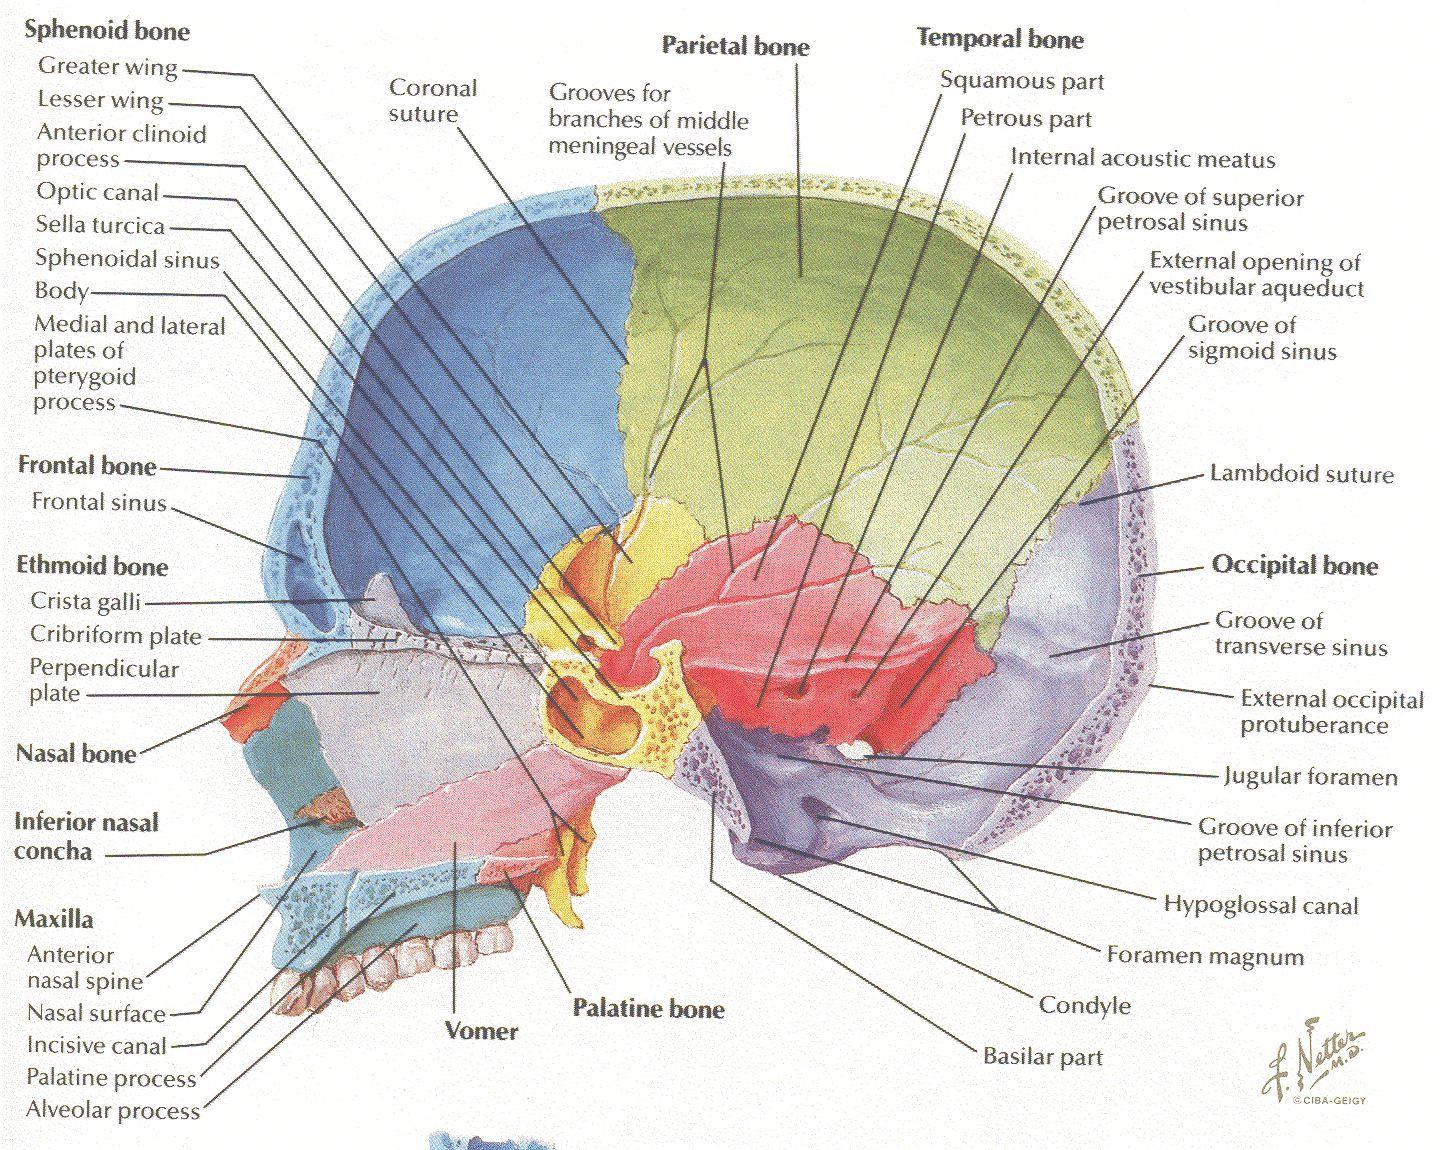 Beste Midlands Tech Anatomy And Physiology Galerie - Anatomie Von ...